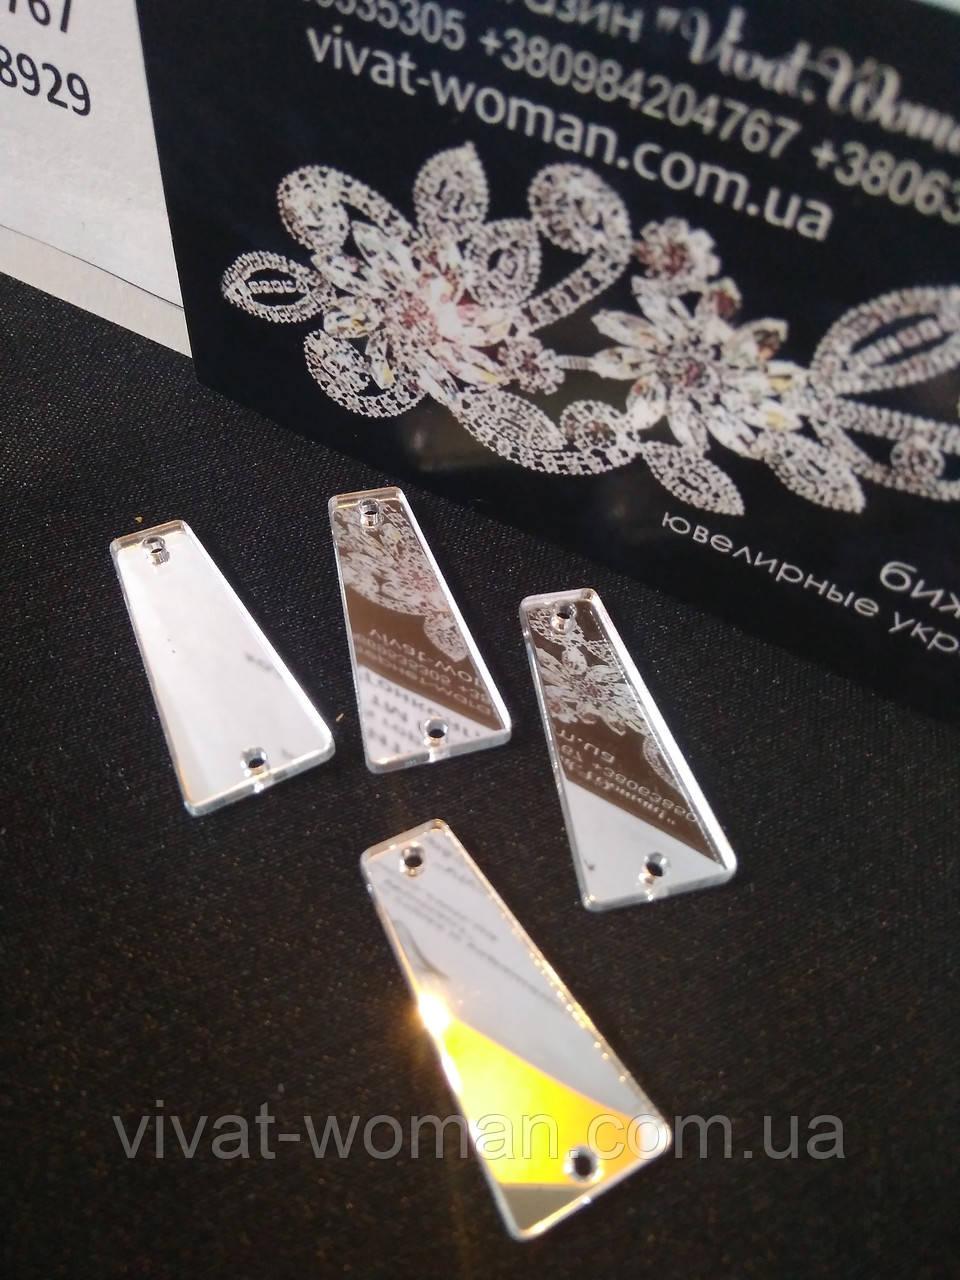 Пришивні дзеркала Crystal (Silver) P11 - 11х27мм. Ціна за 1 шт